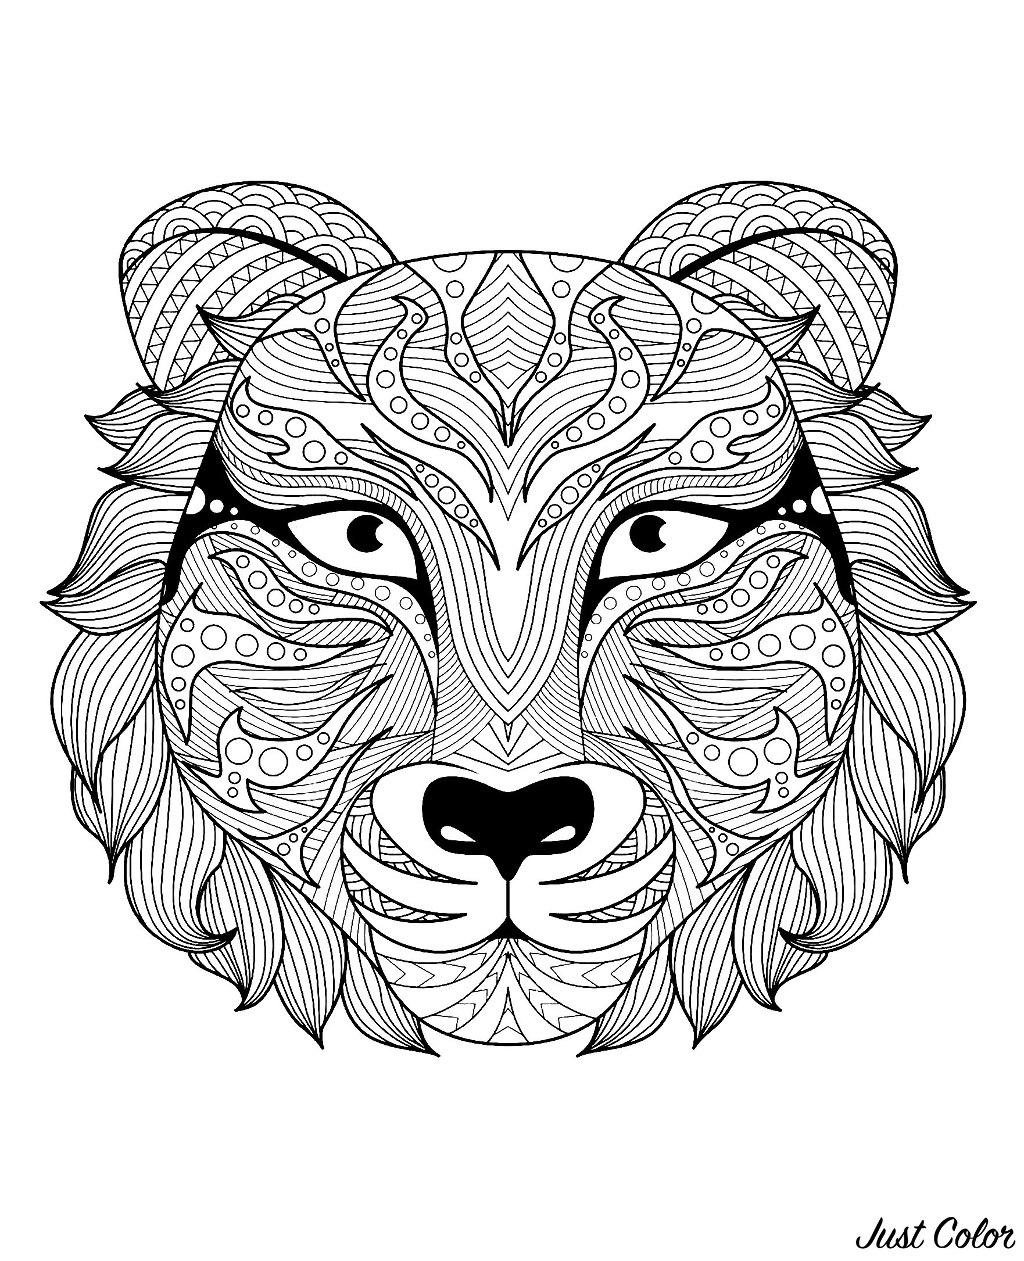 Tranh tô màu mặt hổ có nhiều họa tiết hoa văn